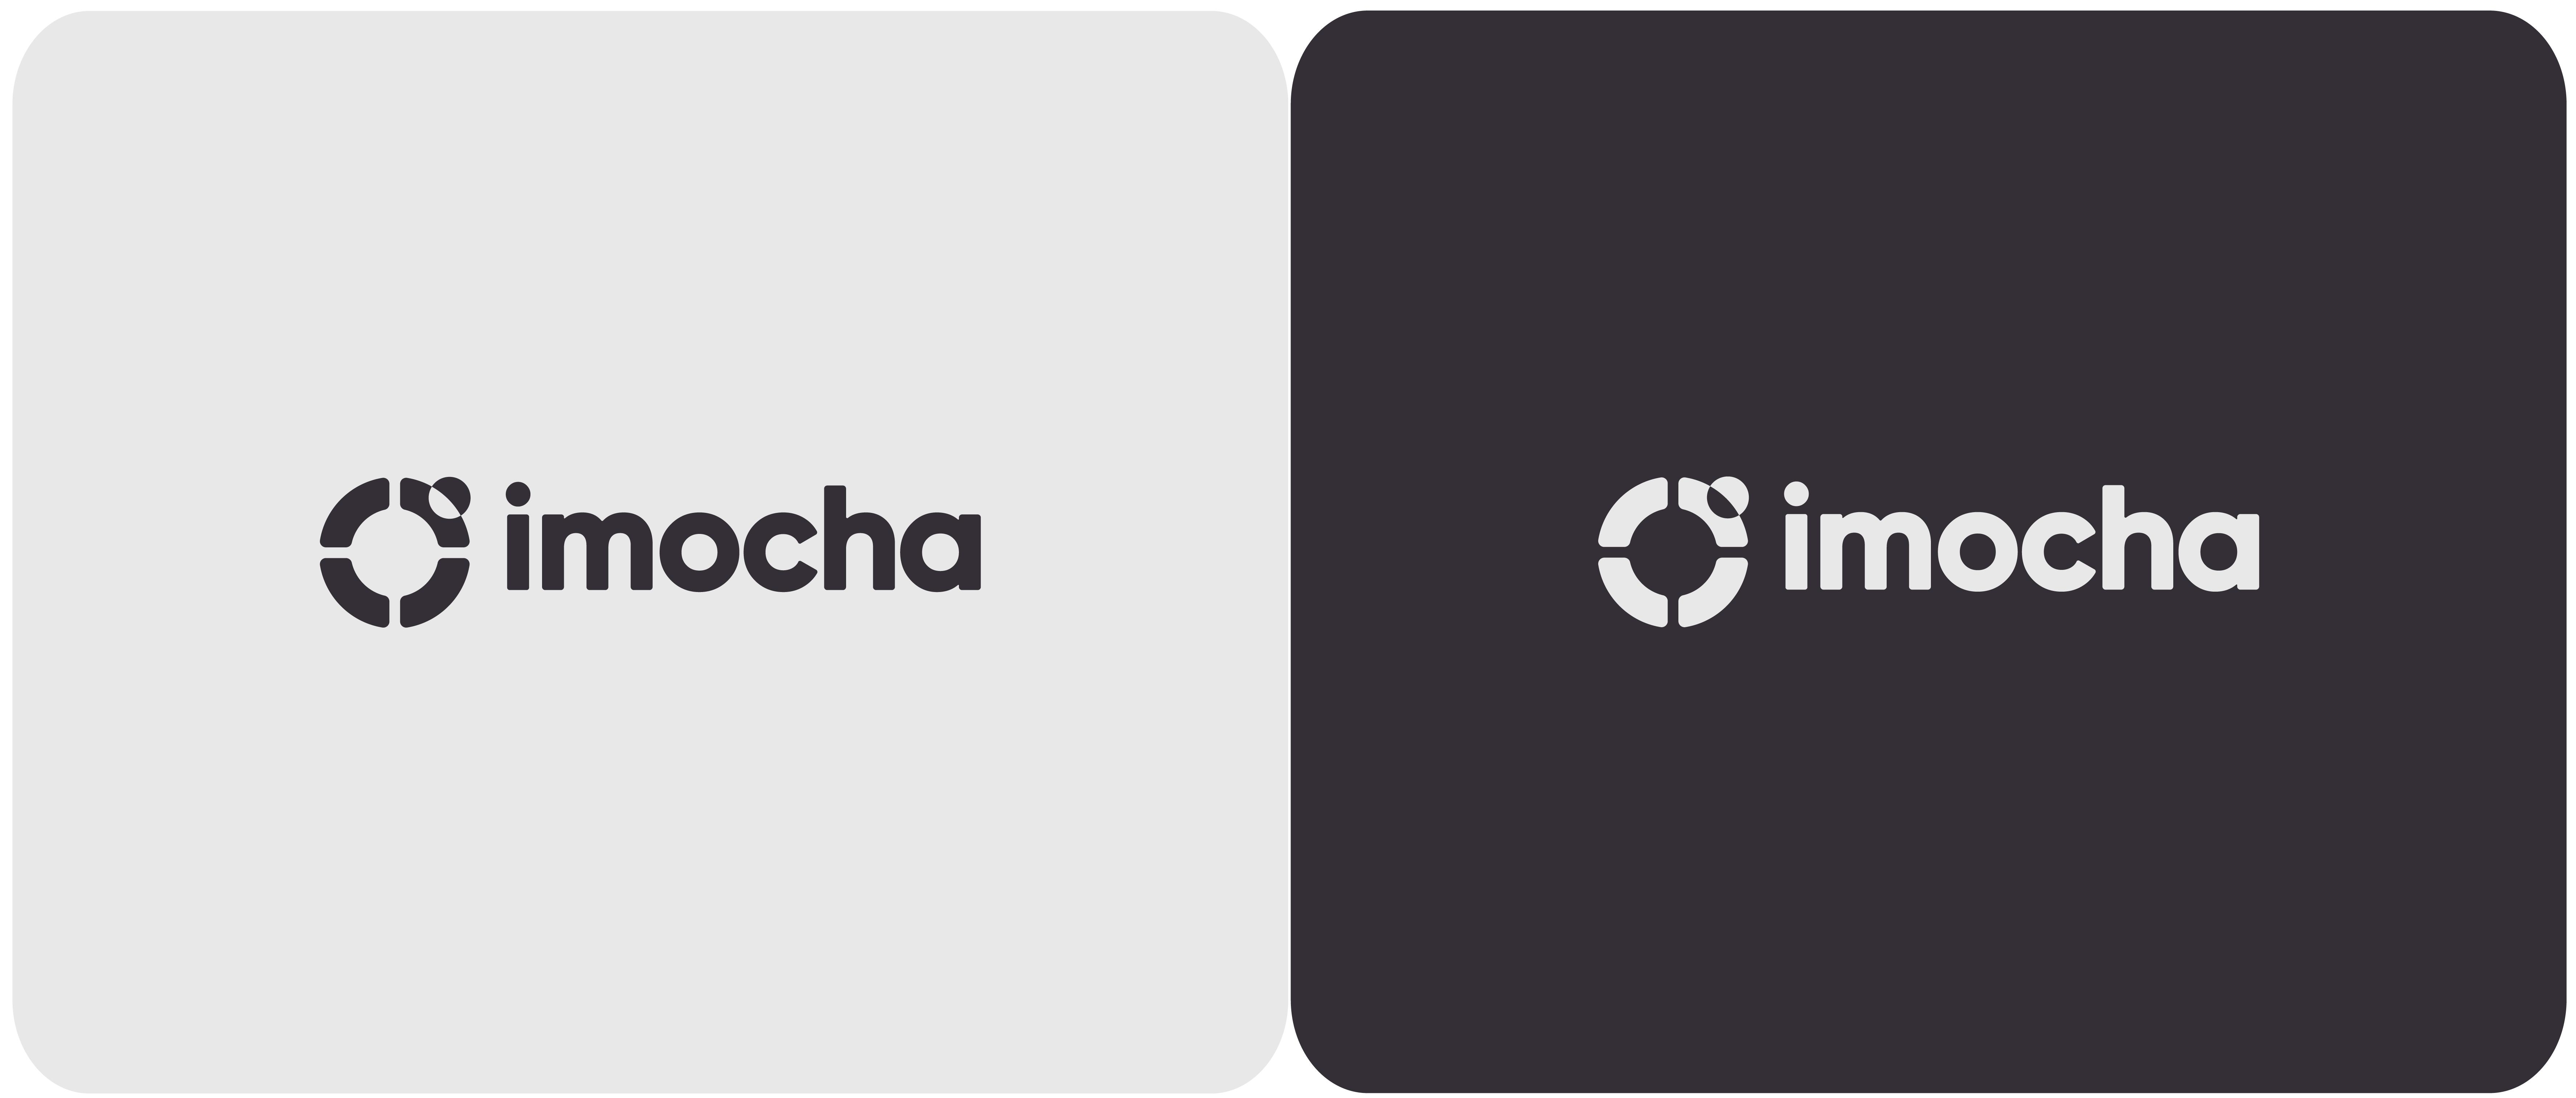 blog logo variations-01